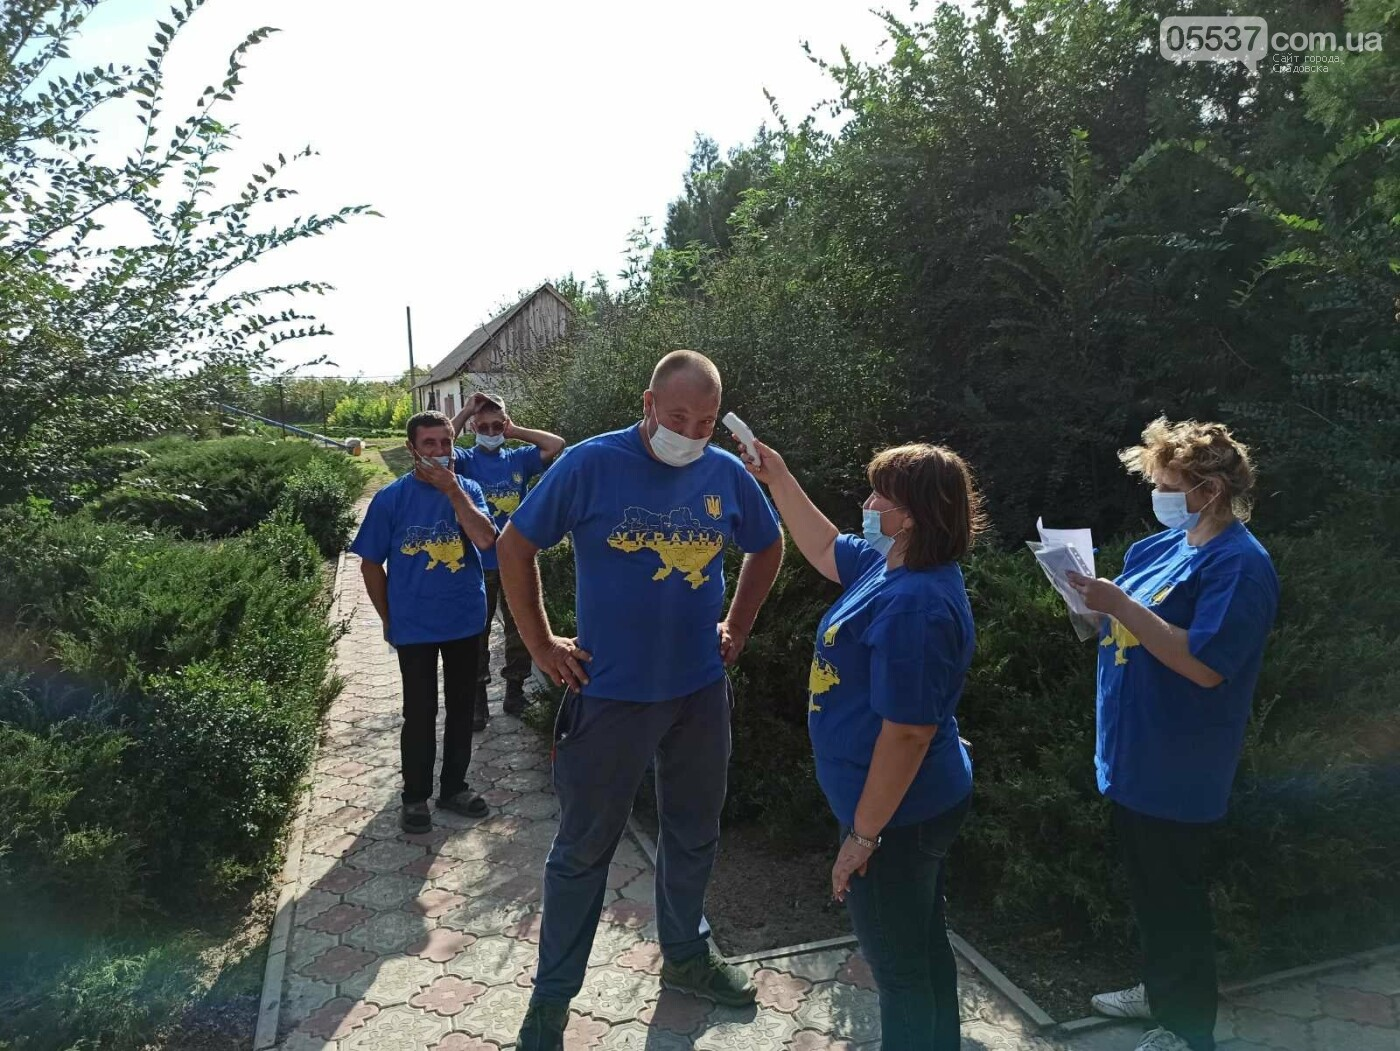 В Скадовске также присоединились к масштабной акции по озеленению, фото-3